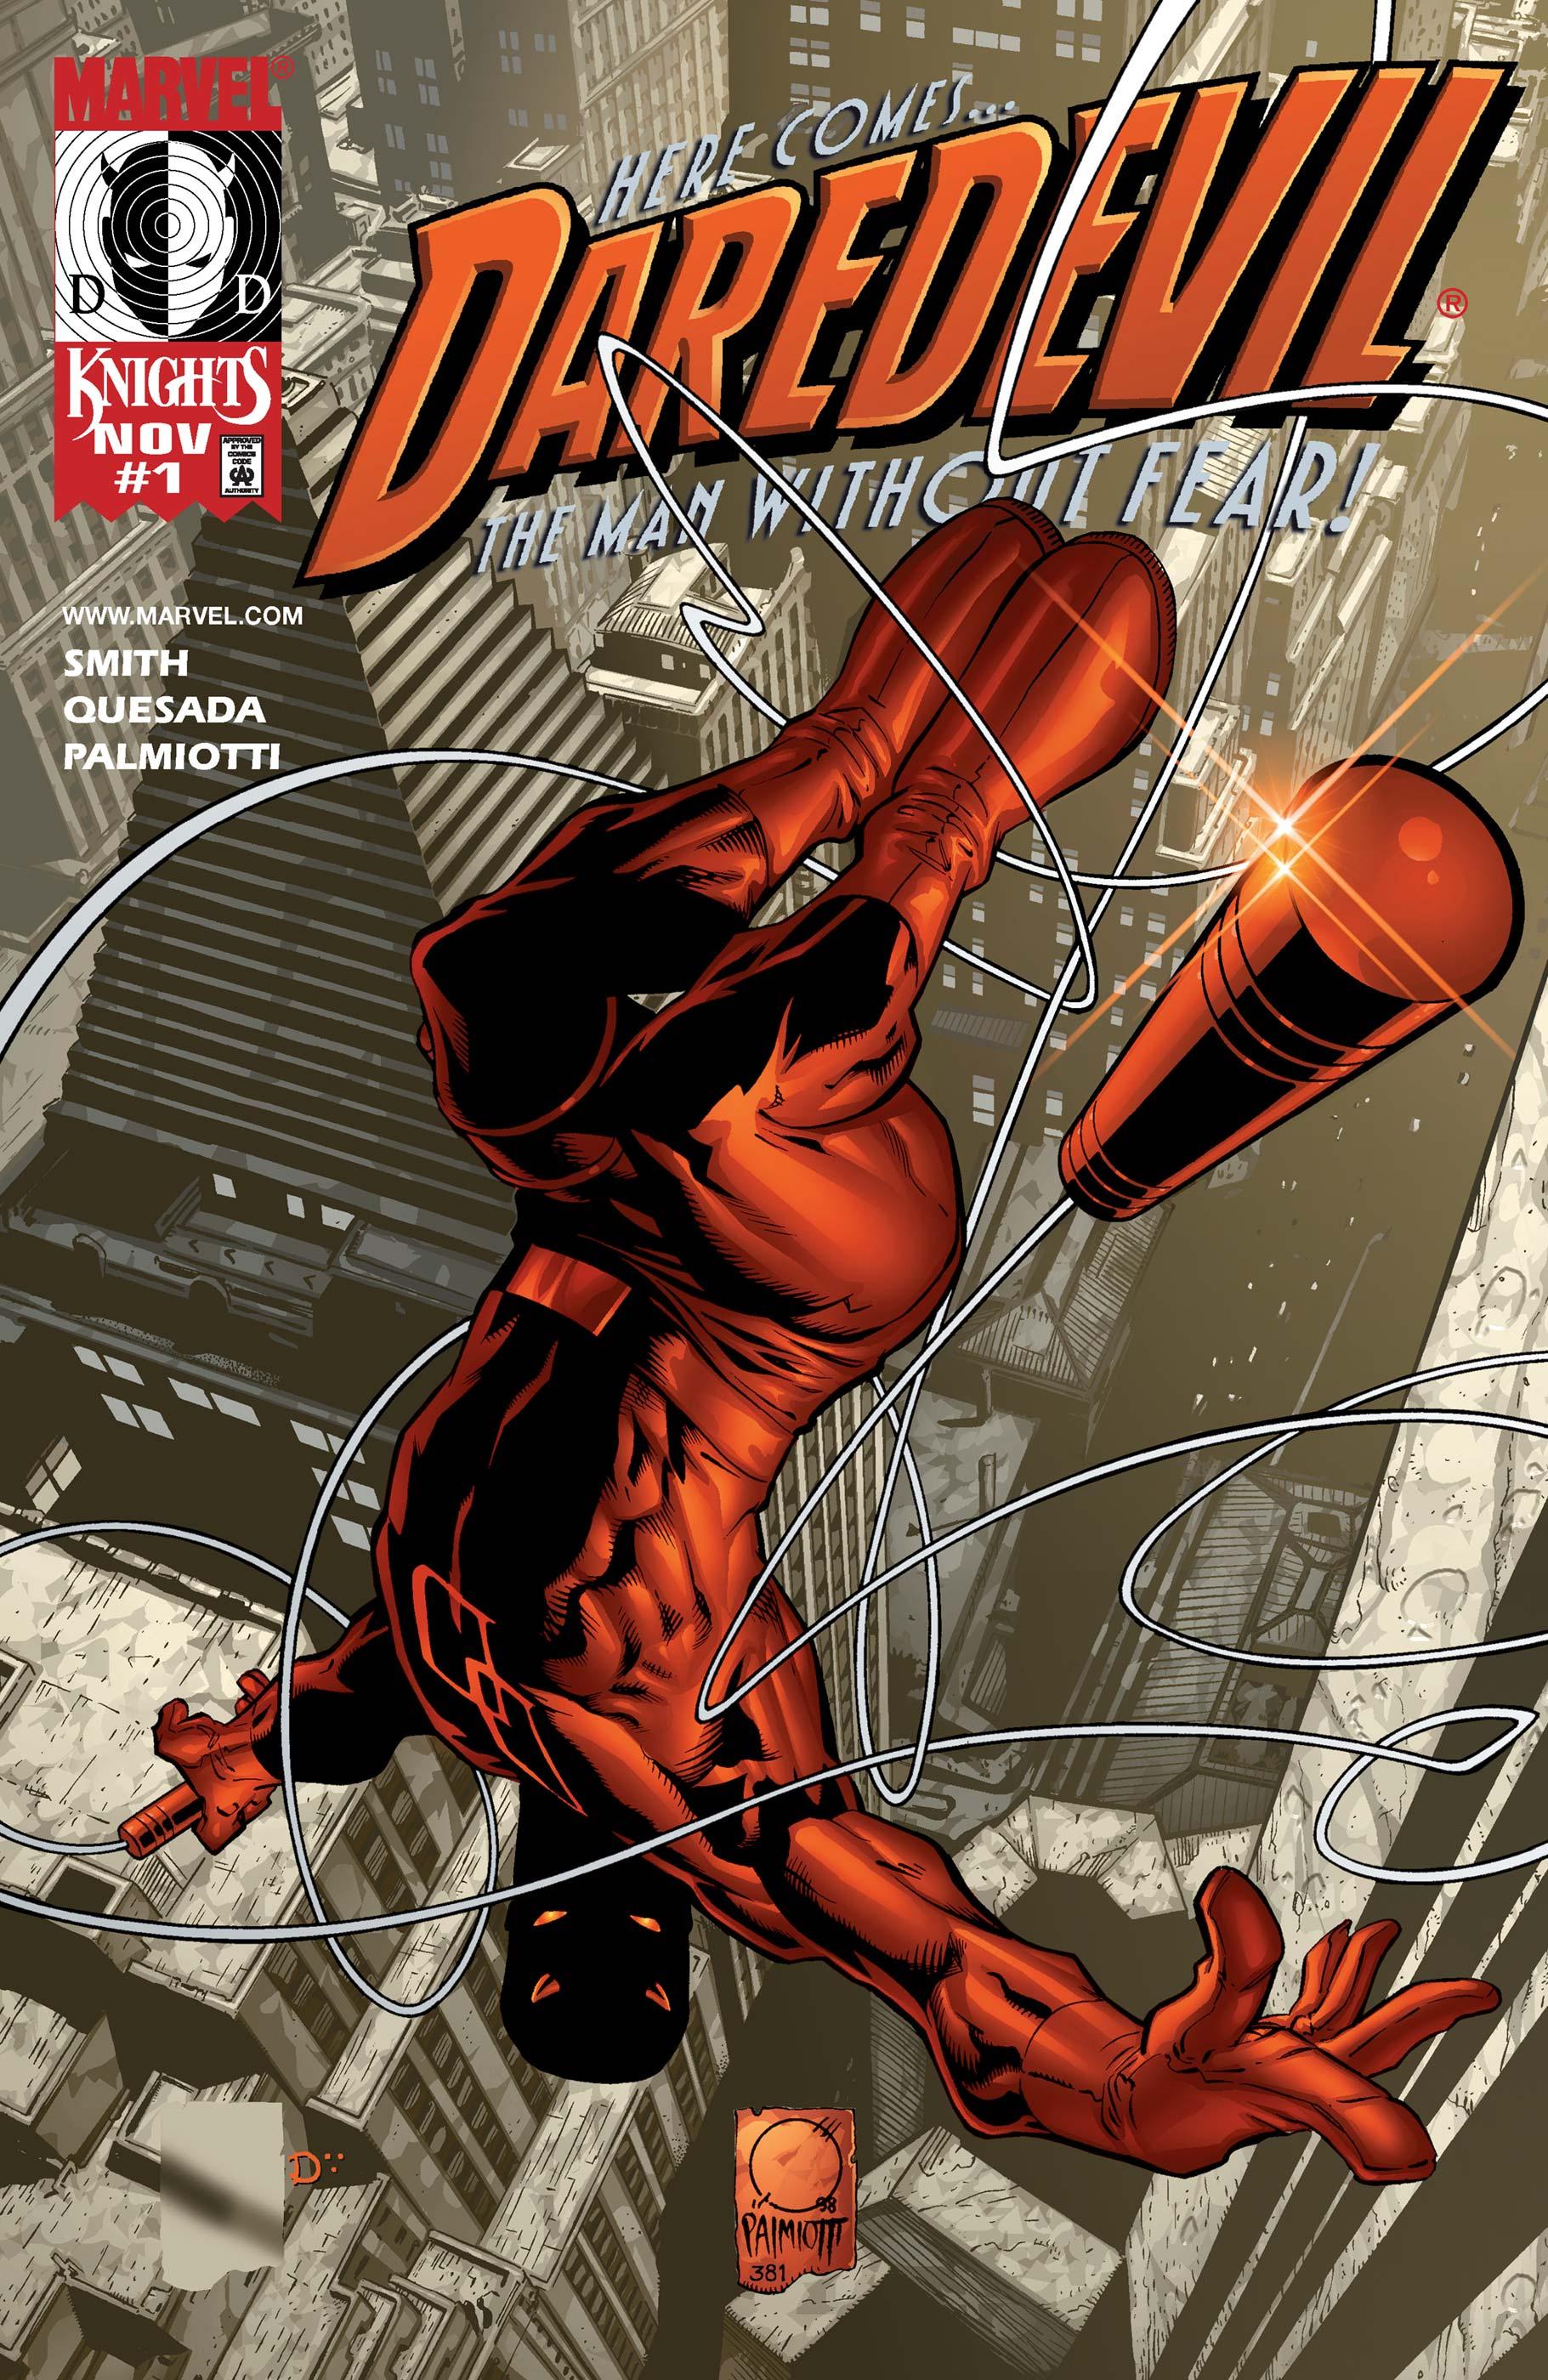 Daredevil (1998) #1